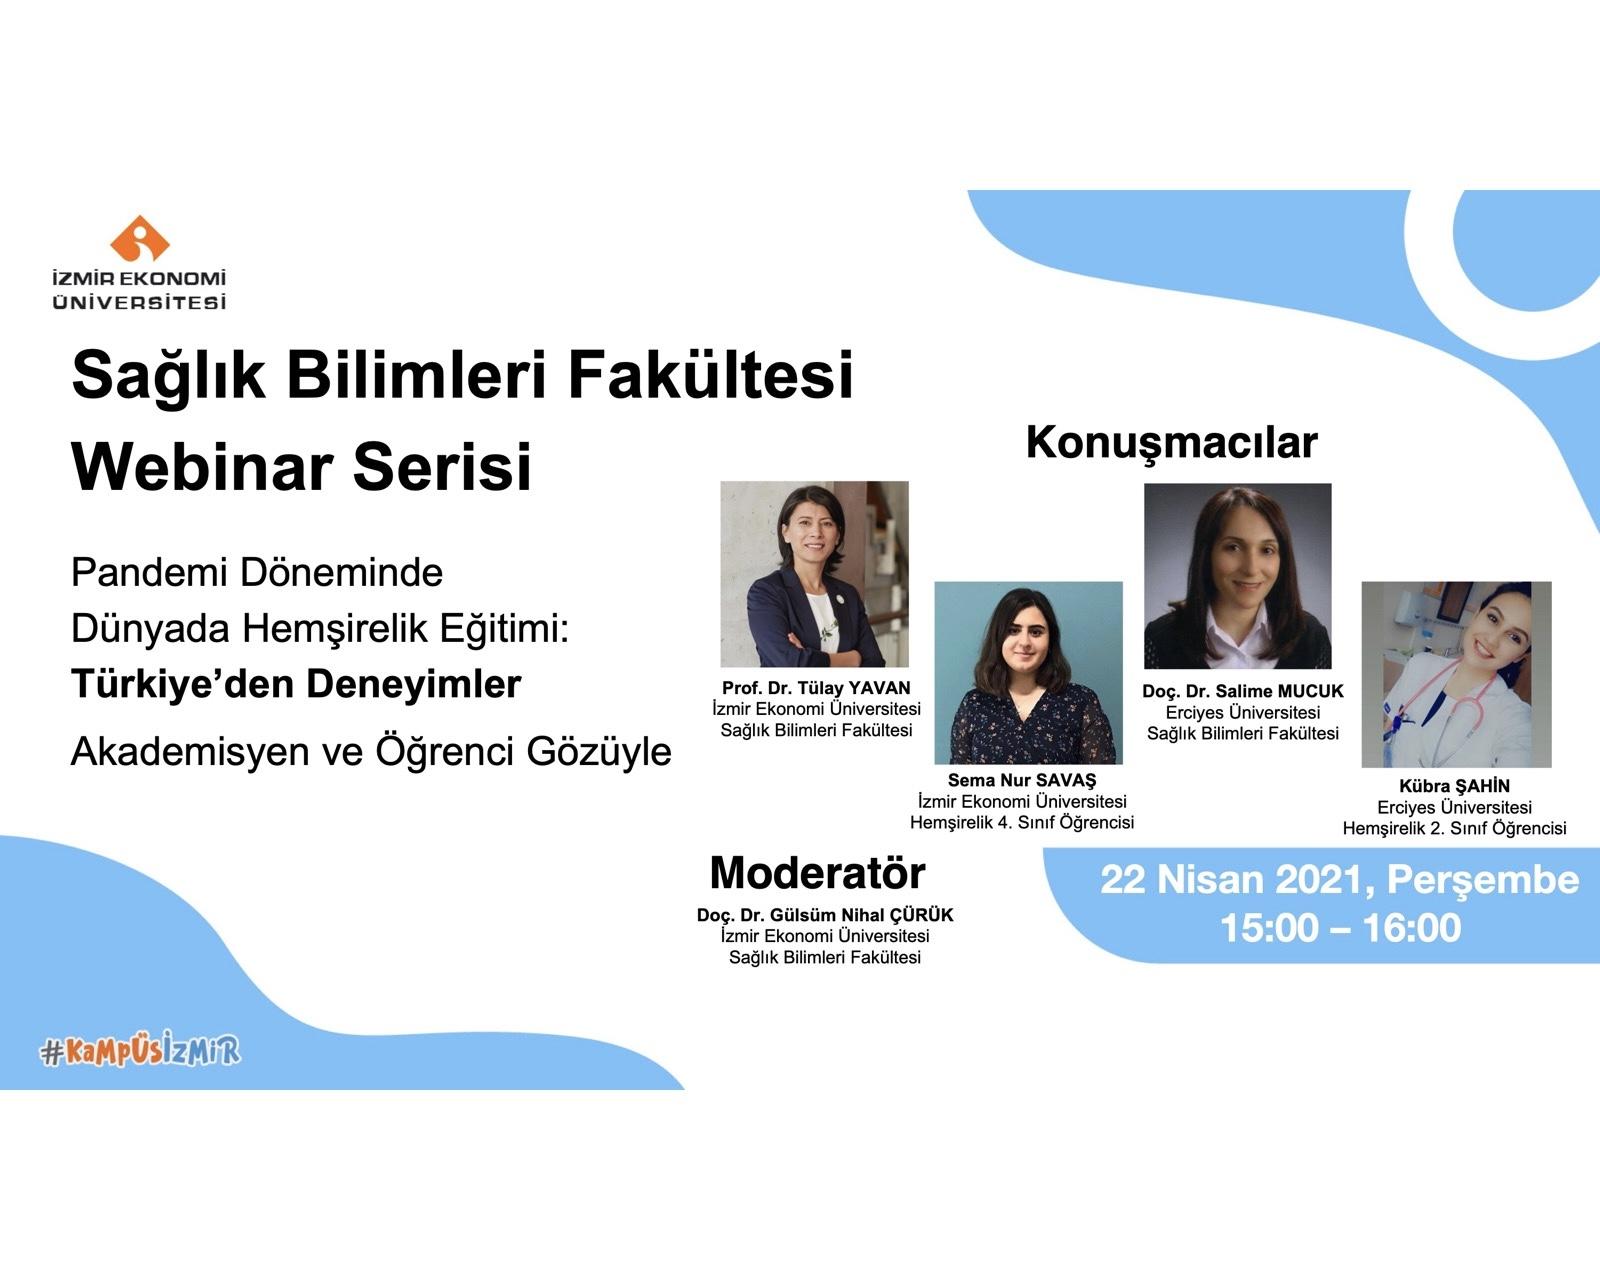 Pandemi Döneminde Dünyada Hemşirelik Eğitimi: Türkiye'den Deneyimler